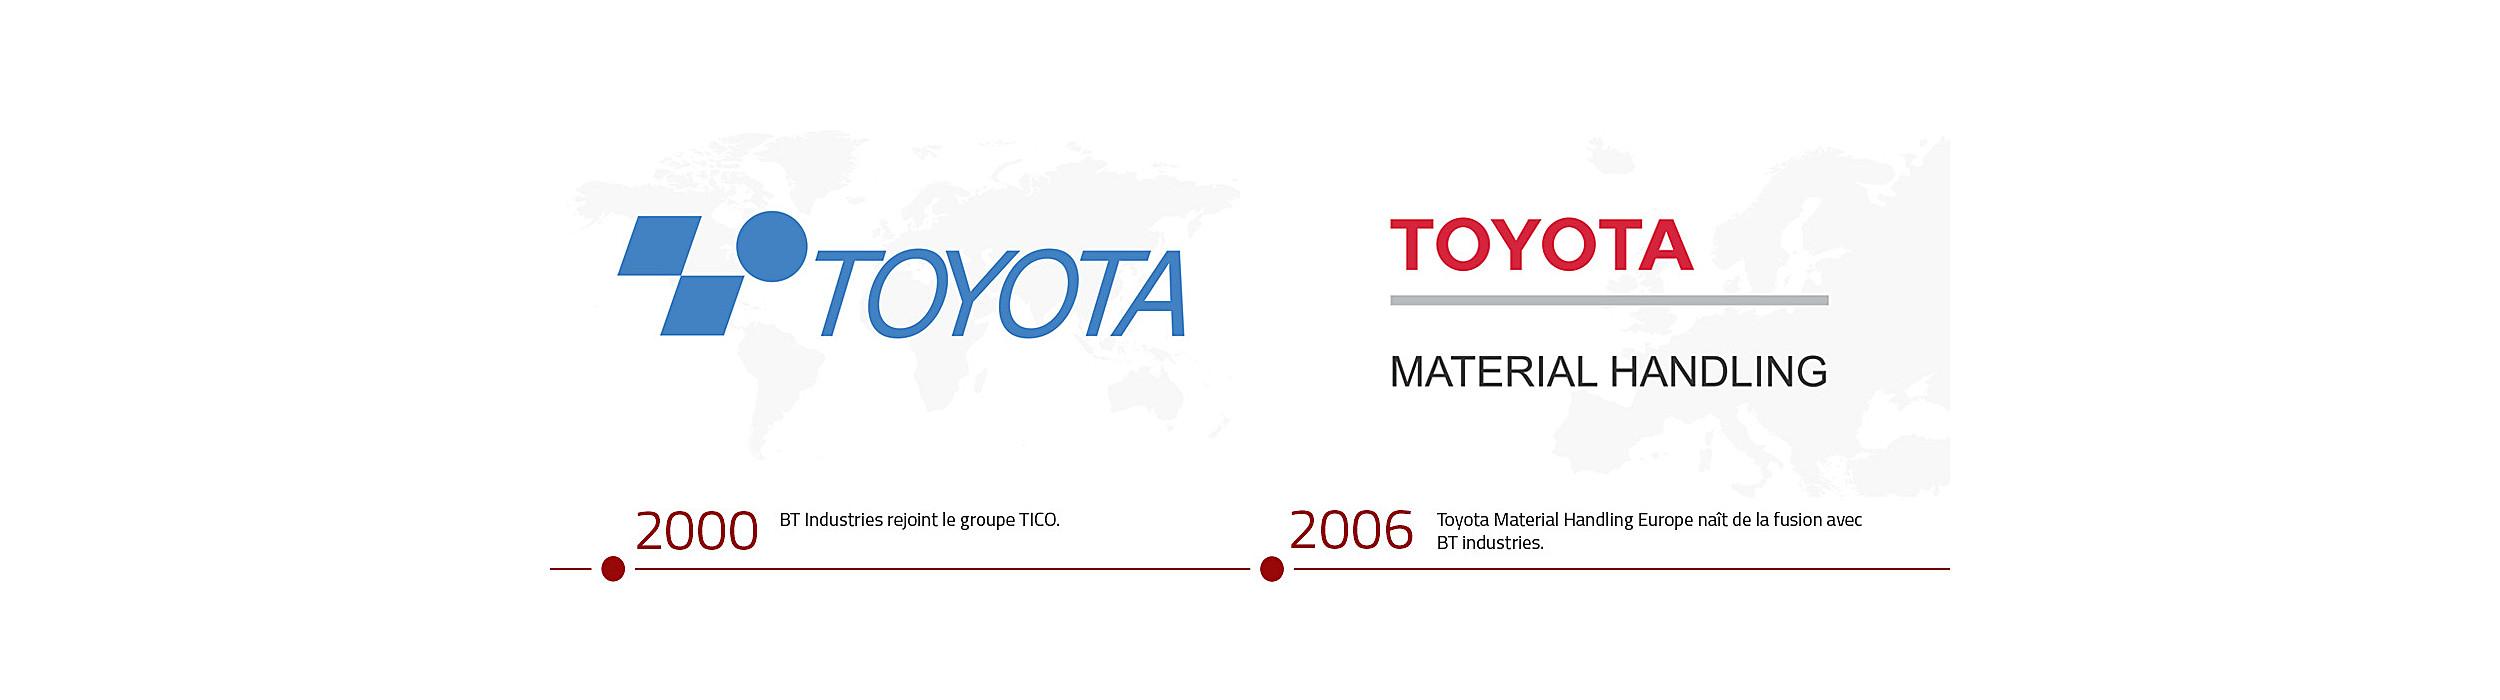 En 2000 BT Industries rejoin le groupe TICO et en 2006 Toyotal Material Handling naît de la fusion avec BT